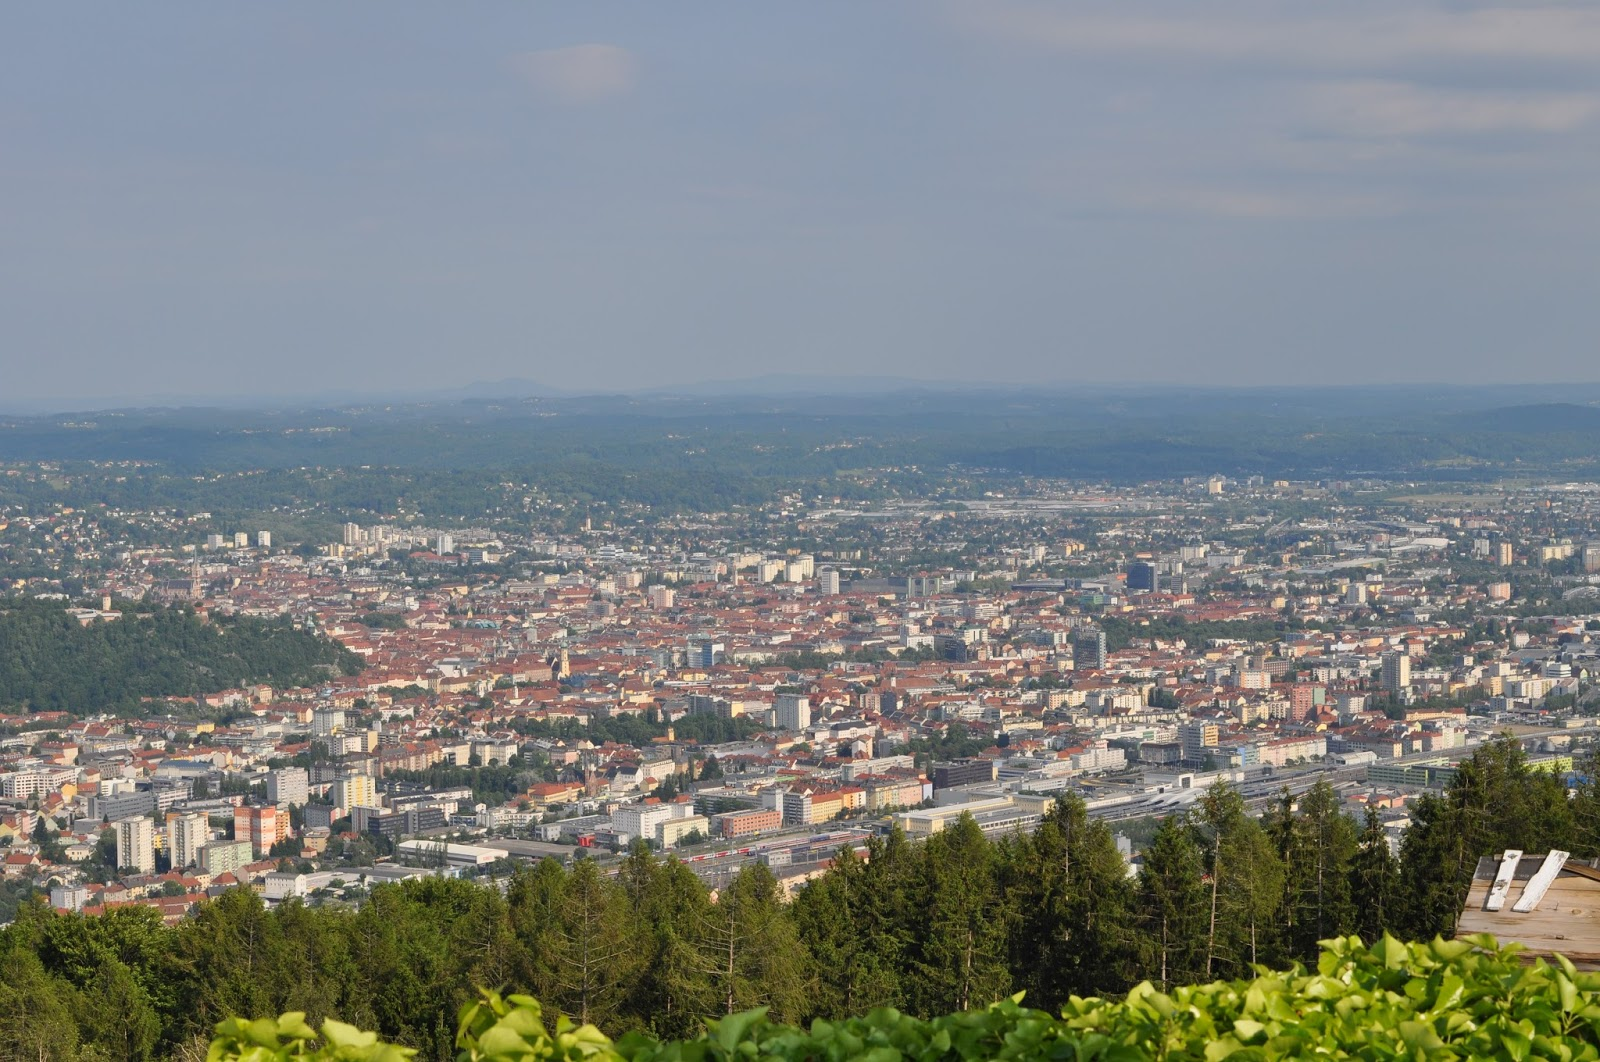 A mandatory sightseeing spot in Graz - Plabutsch mountain